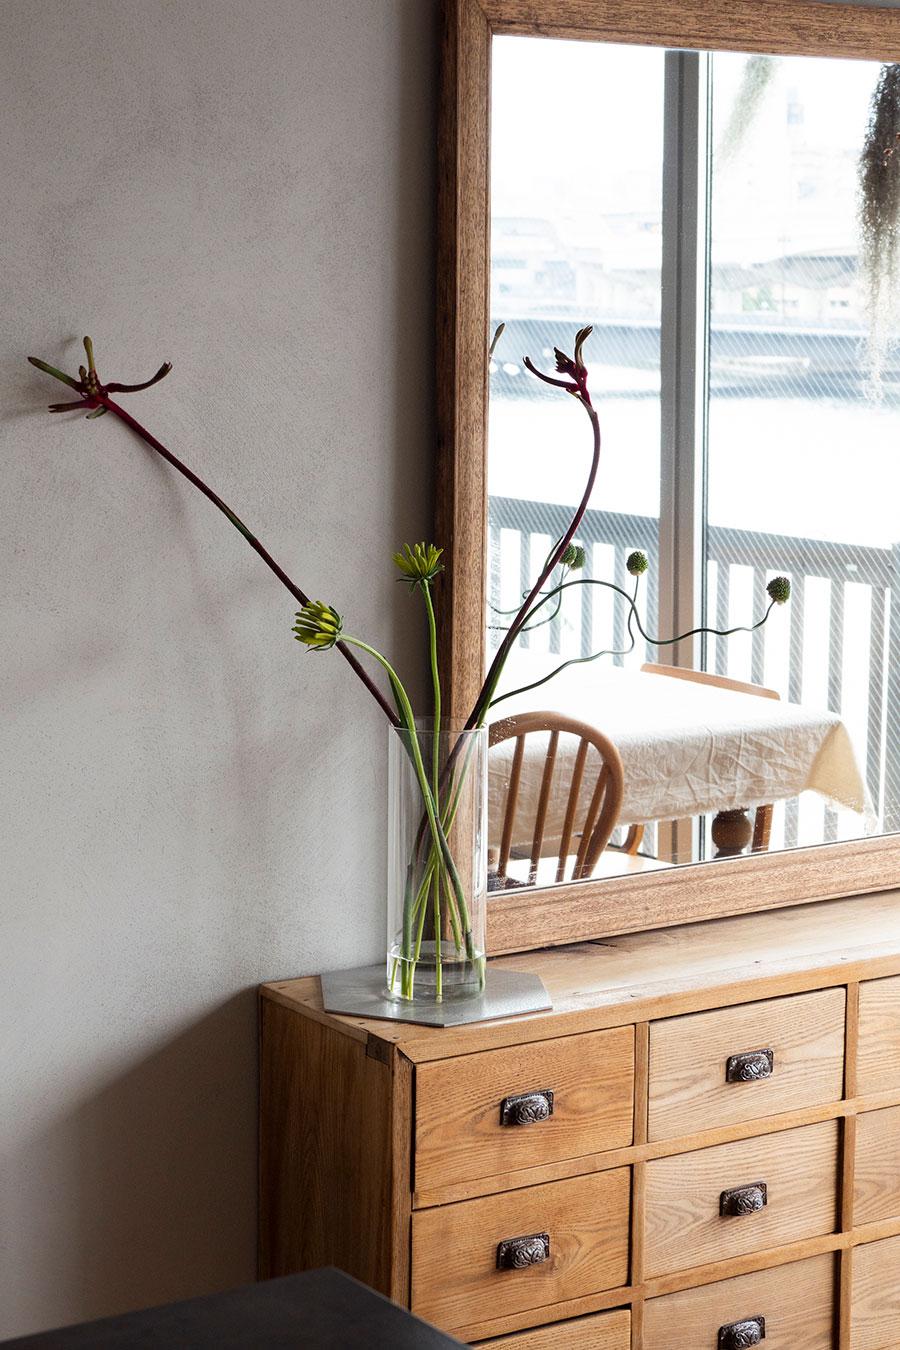 カンガルーポーなどのユニークな花が、ヴィンテージの家具に似合う。